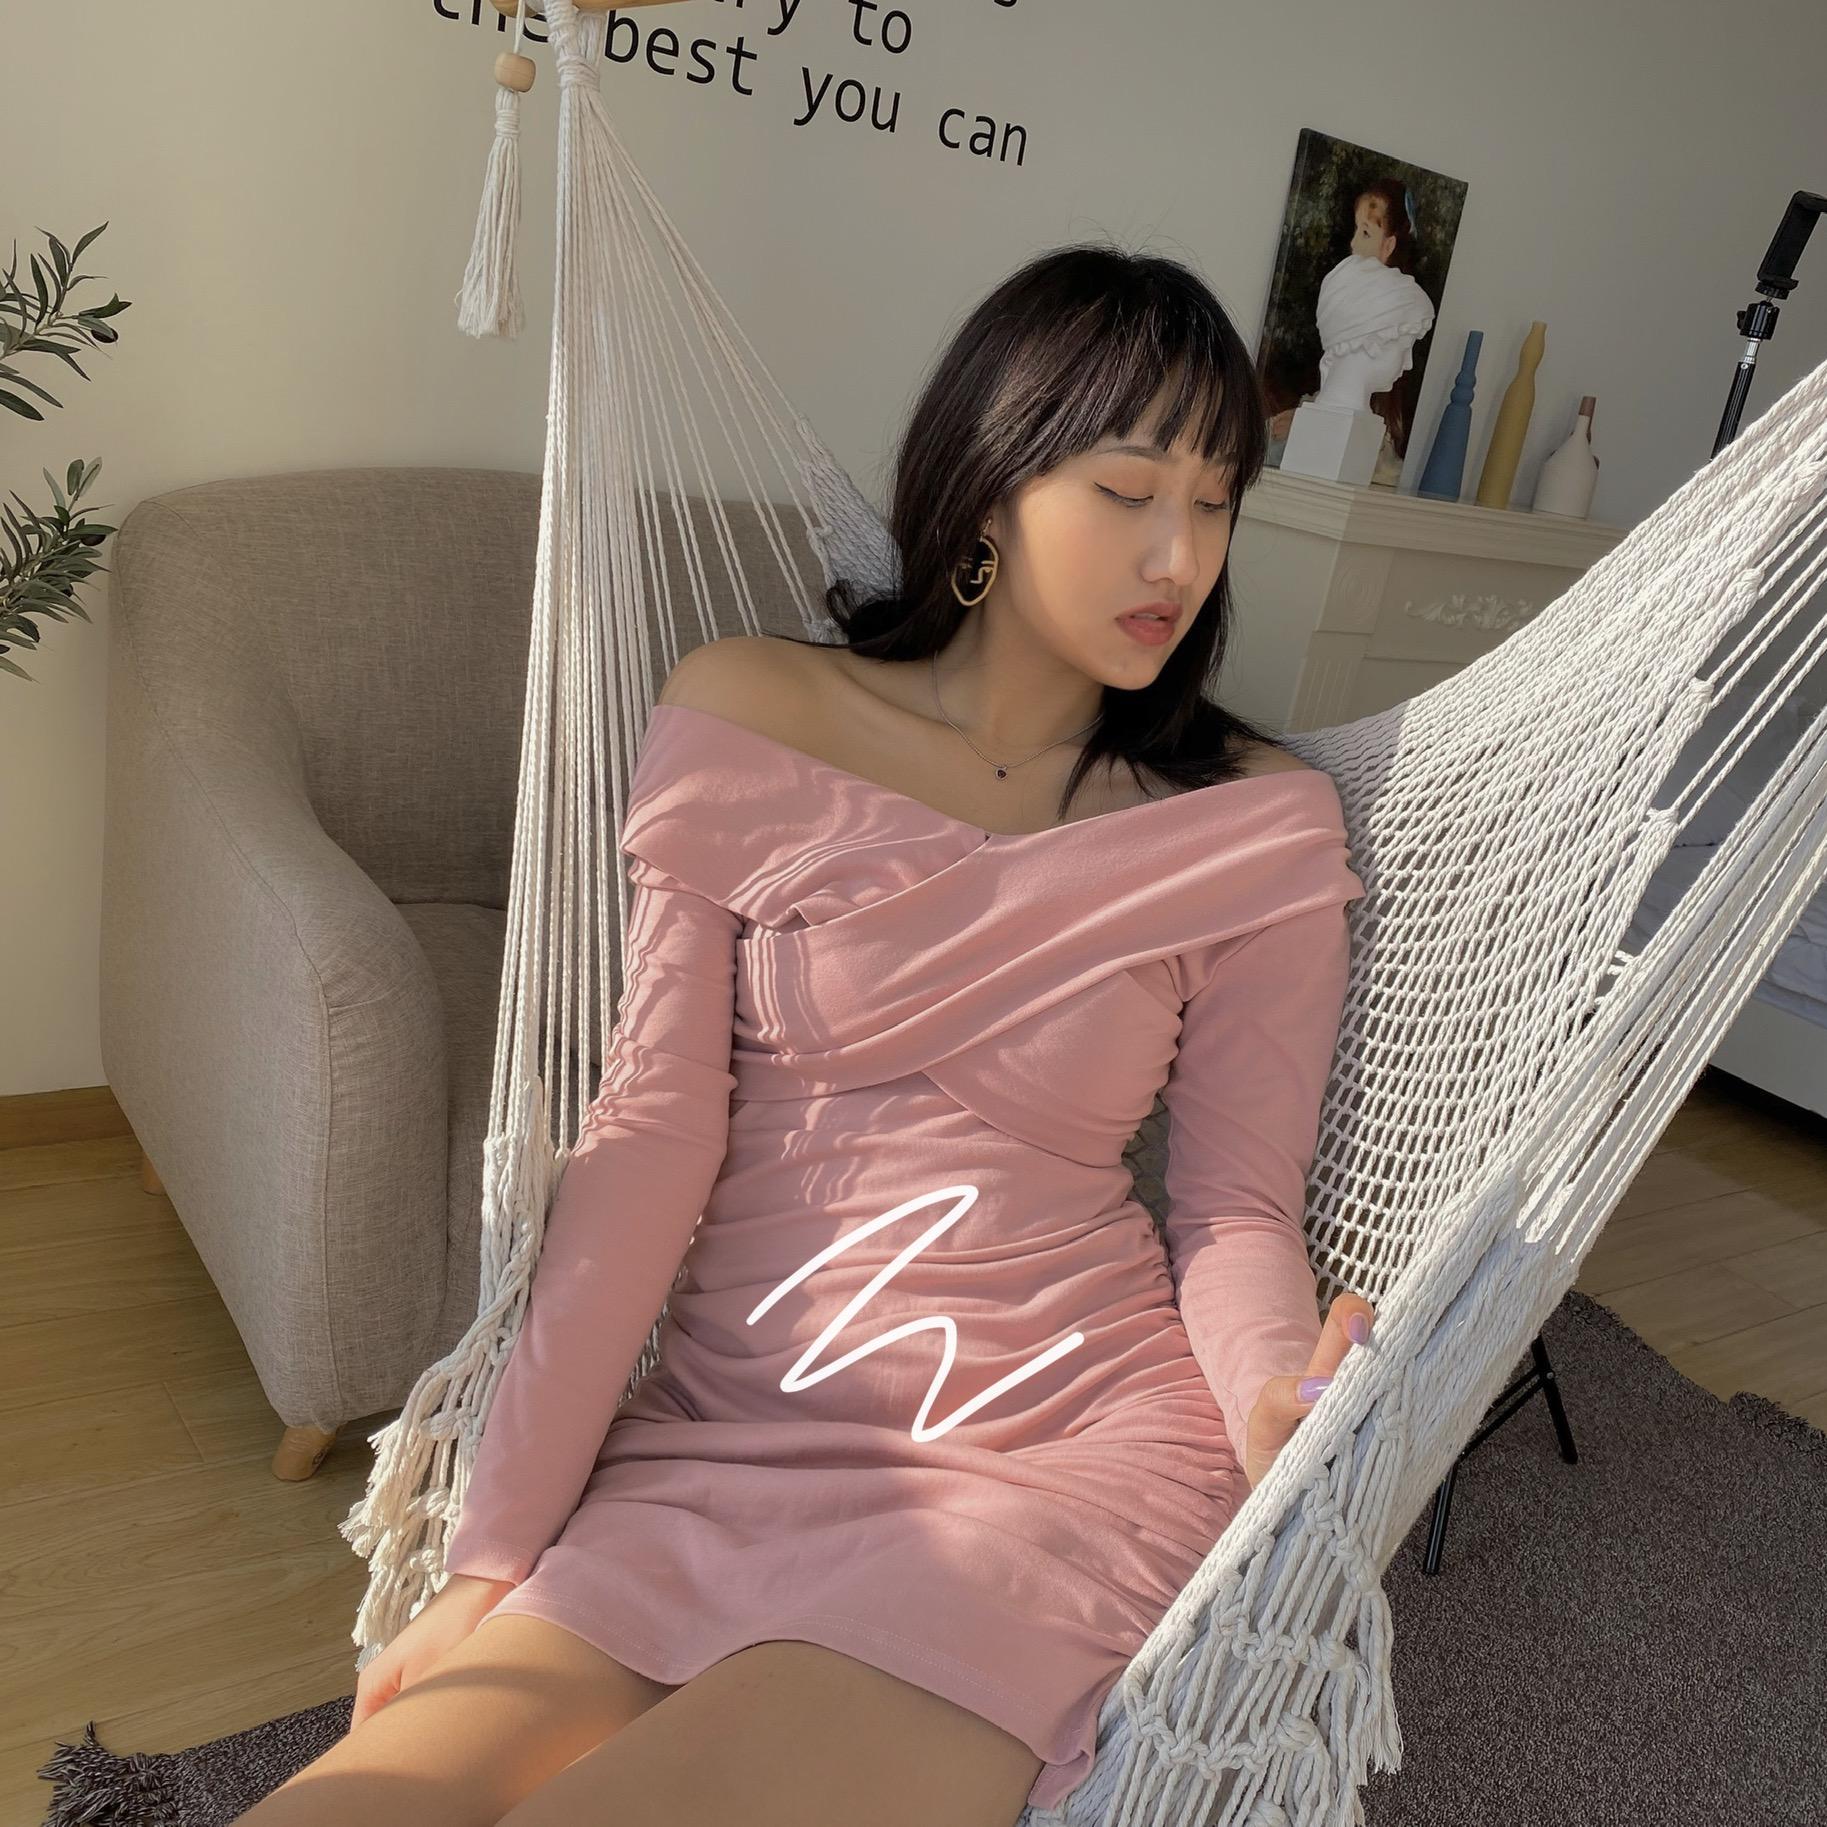 紧身连衣裙 17sui 新款女装时尚气质v领长袖修身显瘦包臀紧身性感连衣裙_推荐淘宝好看的紧身连衣裙